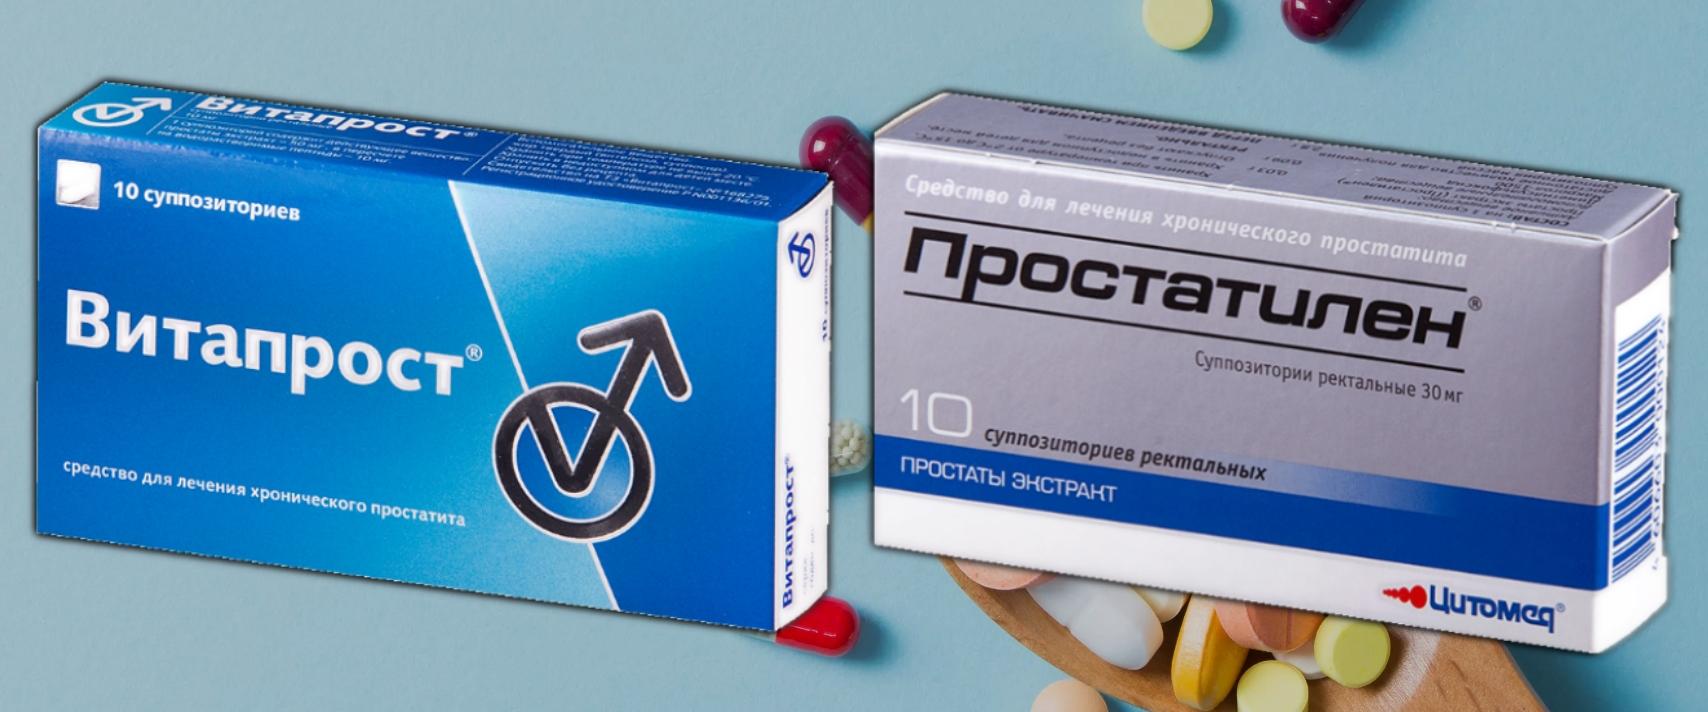 Недорогие лекарства от простатита